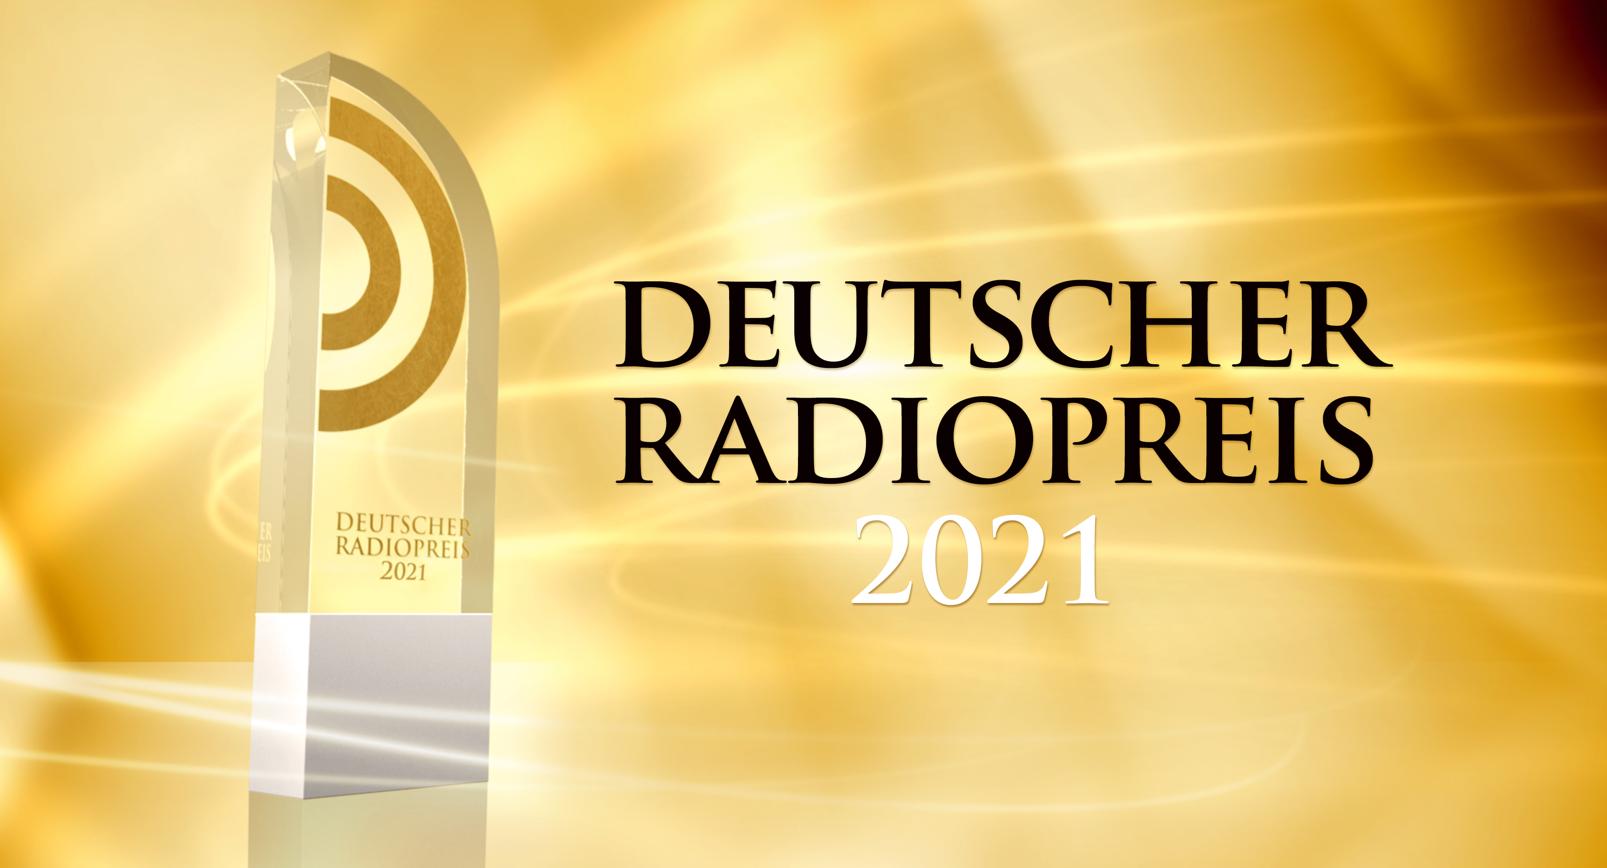 Diese Podcasts sind für den Deutschen Radiopreis 2021 nominiert